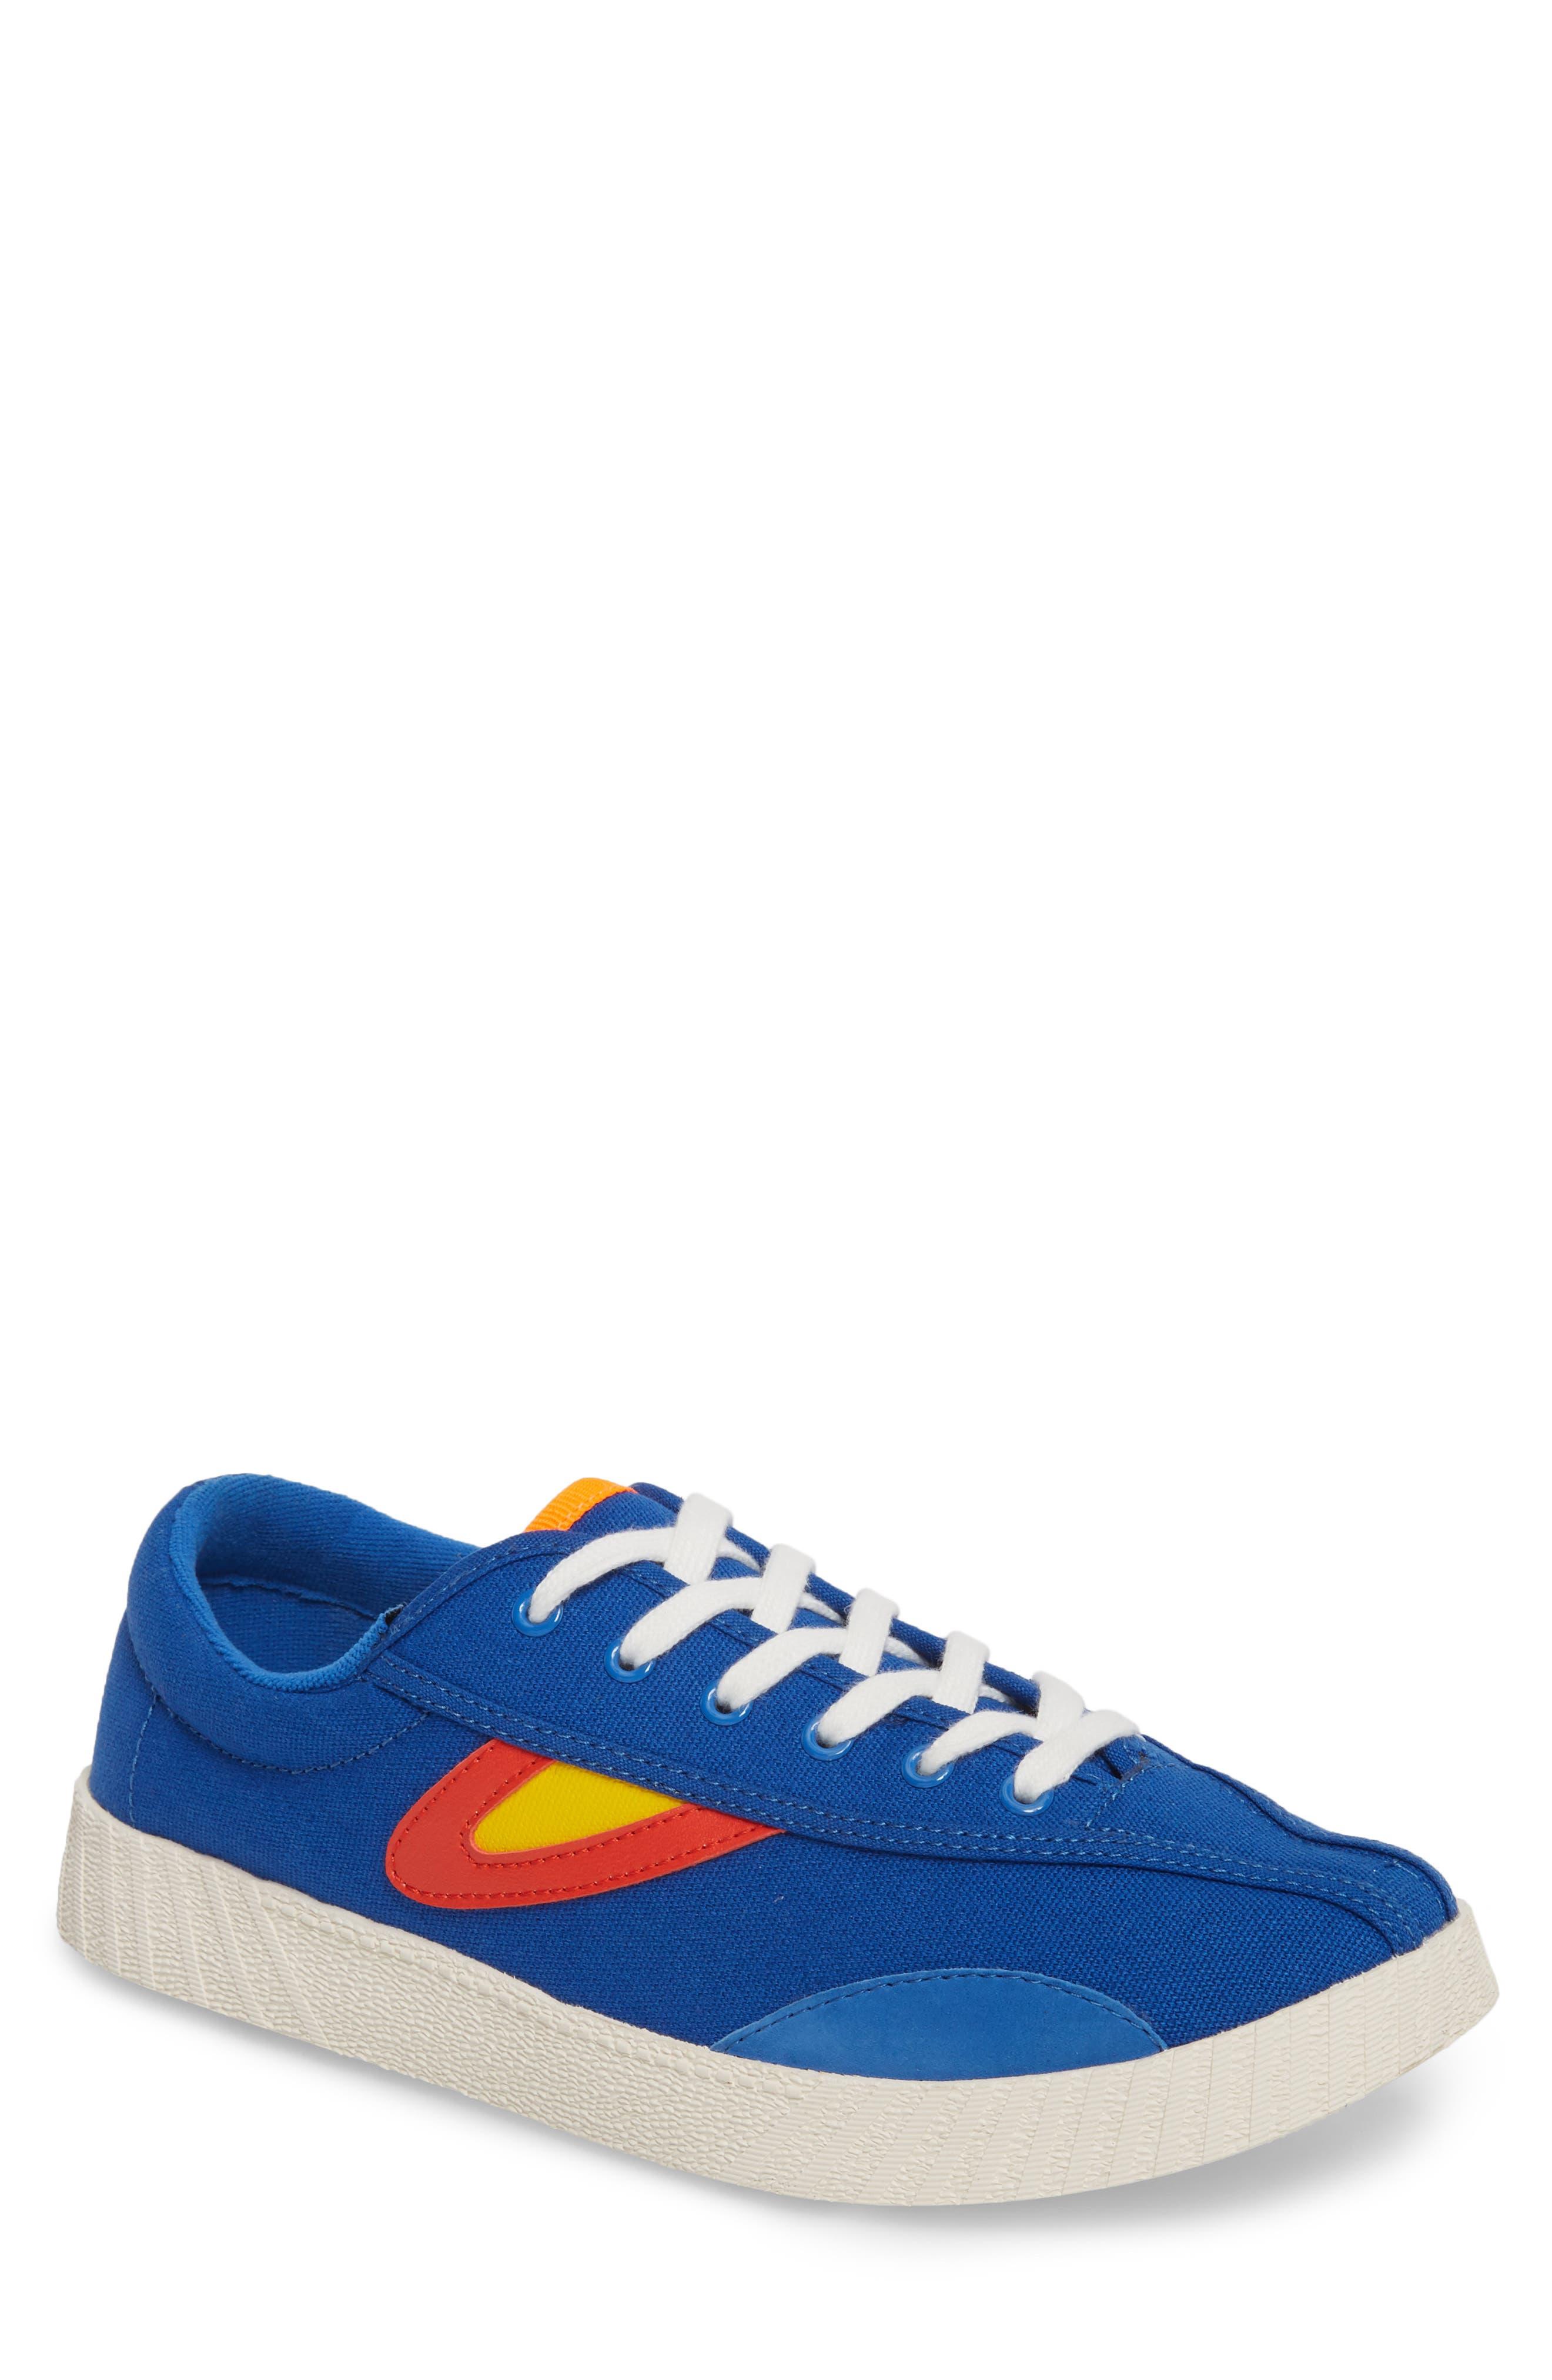 Main Image - Tretorn Andre 3000 Nylite Low Top Sneaker (Men)